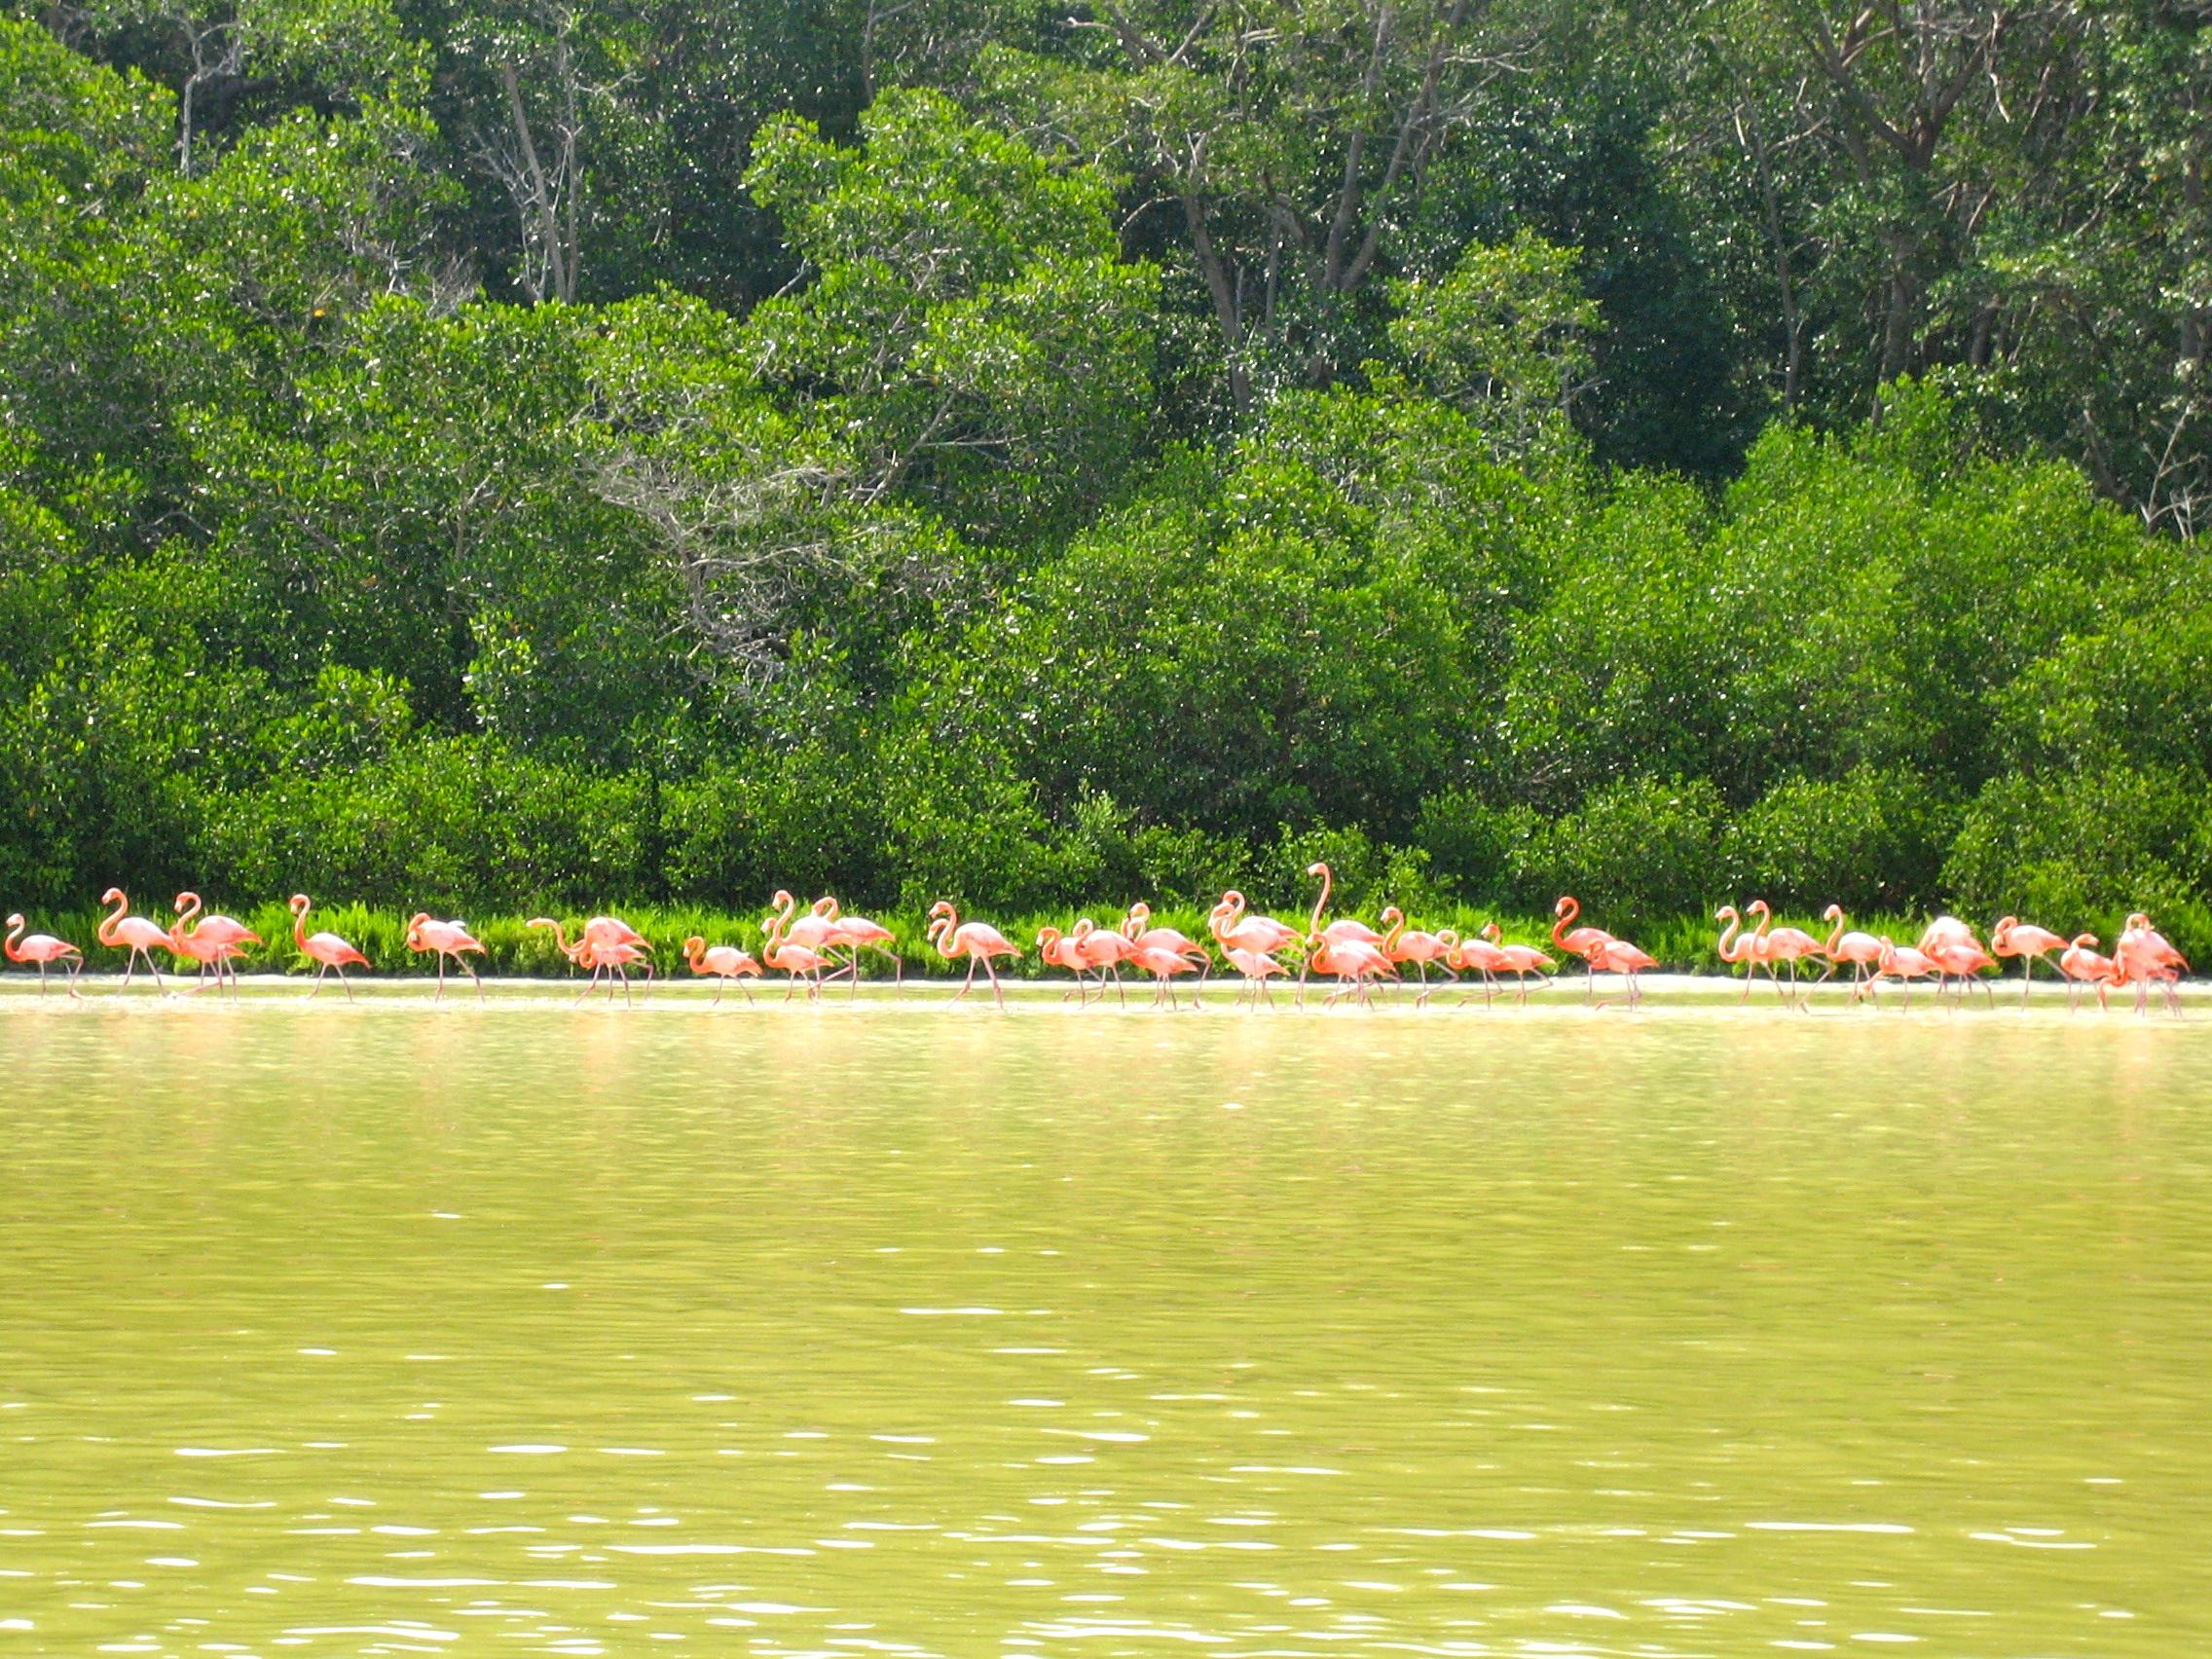 Biosphärenreservat Celestun und warum Flamingos rosa sind